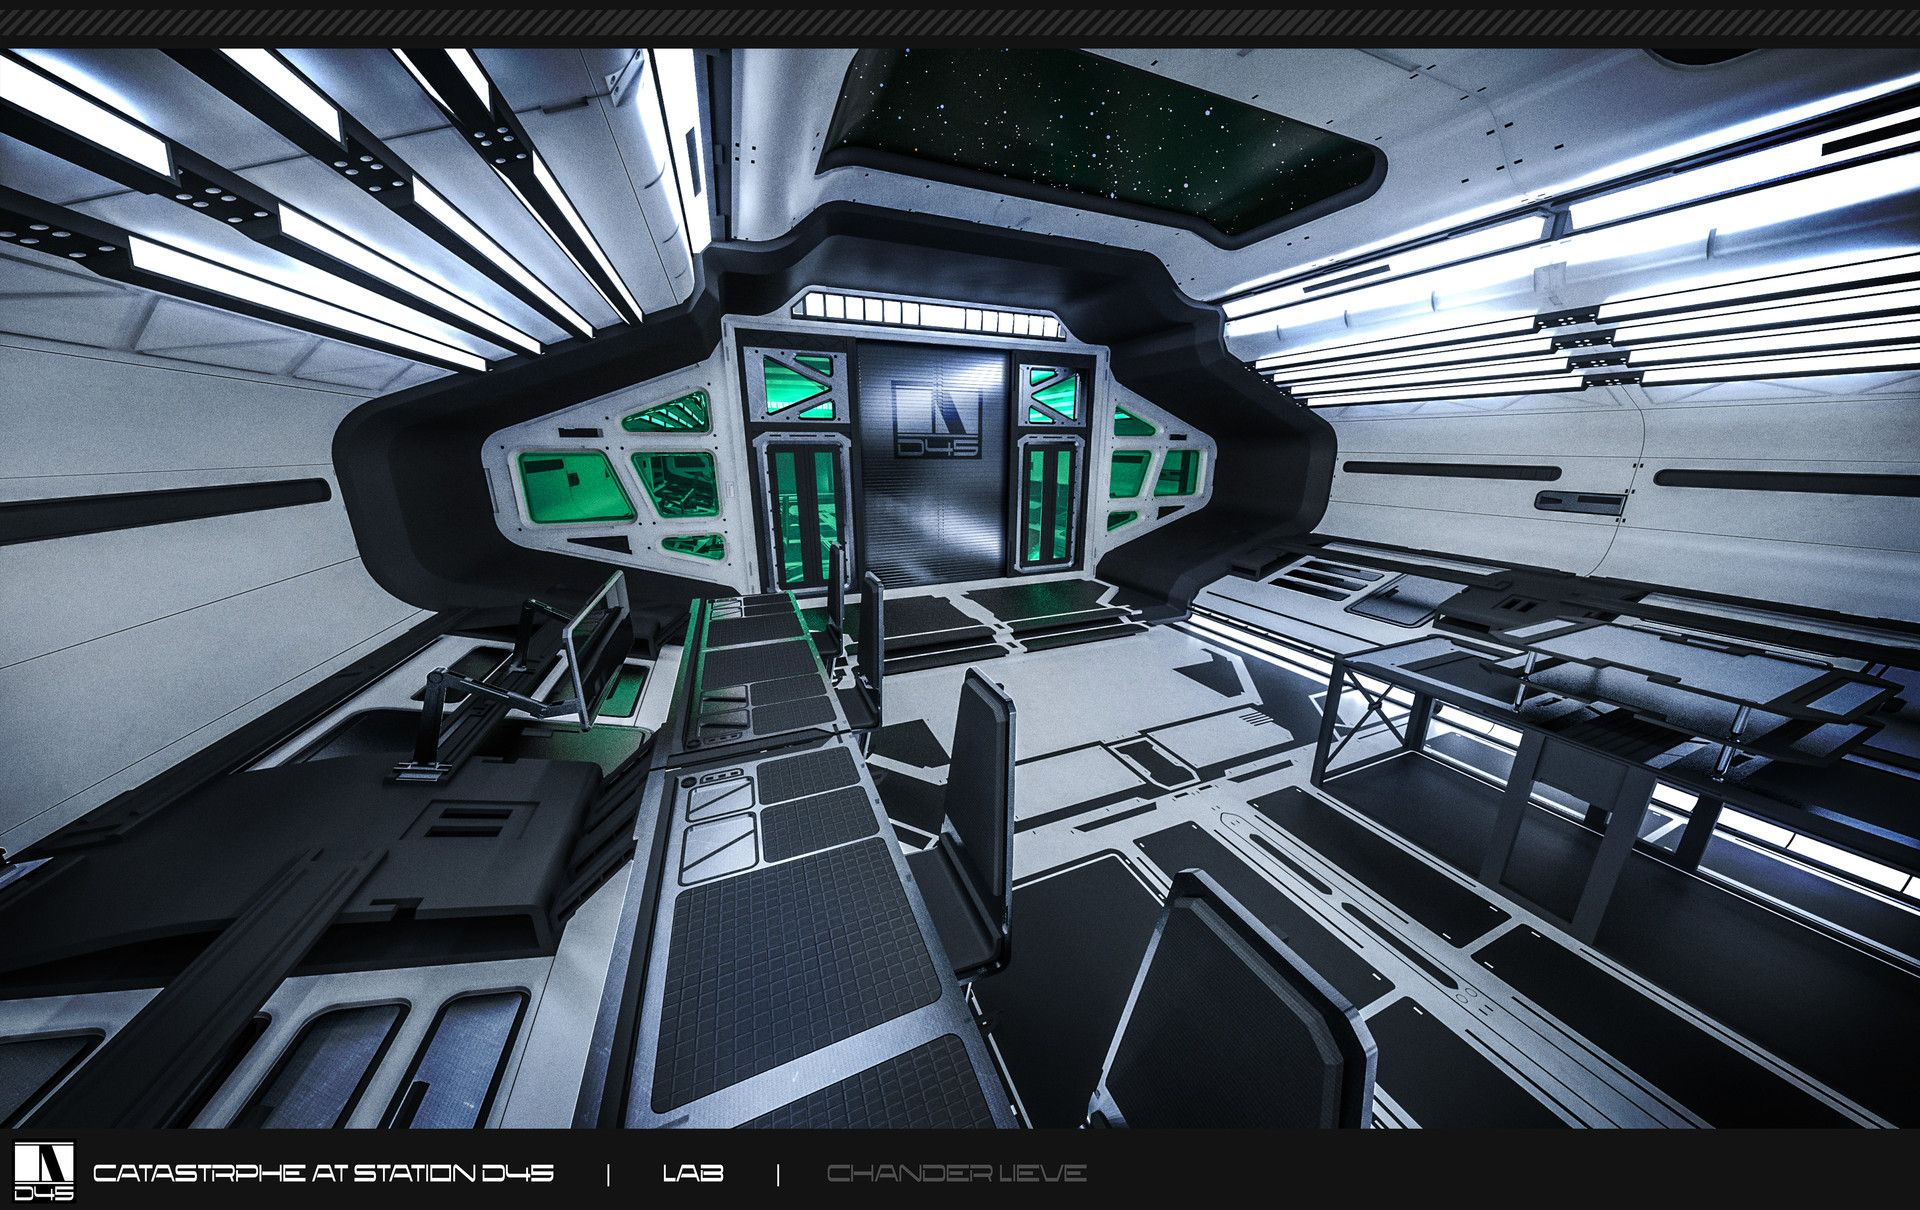 ArtStation - Lab Hallway - Mock-up Render, Chander Lieve